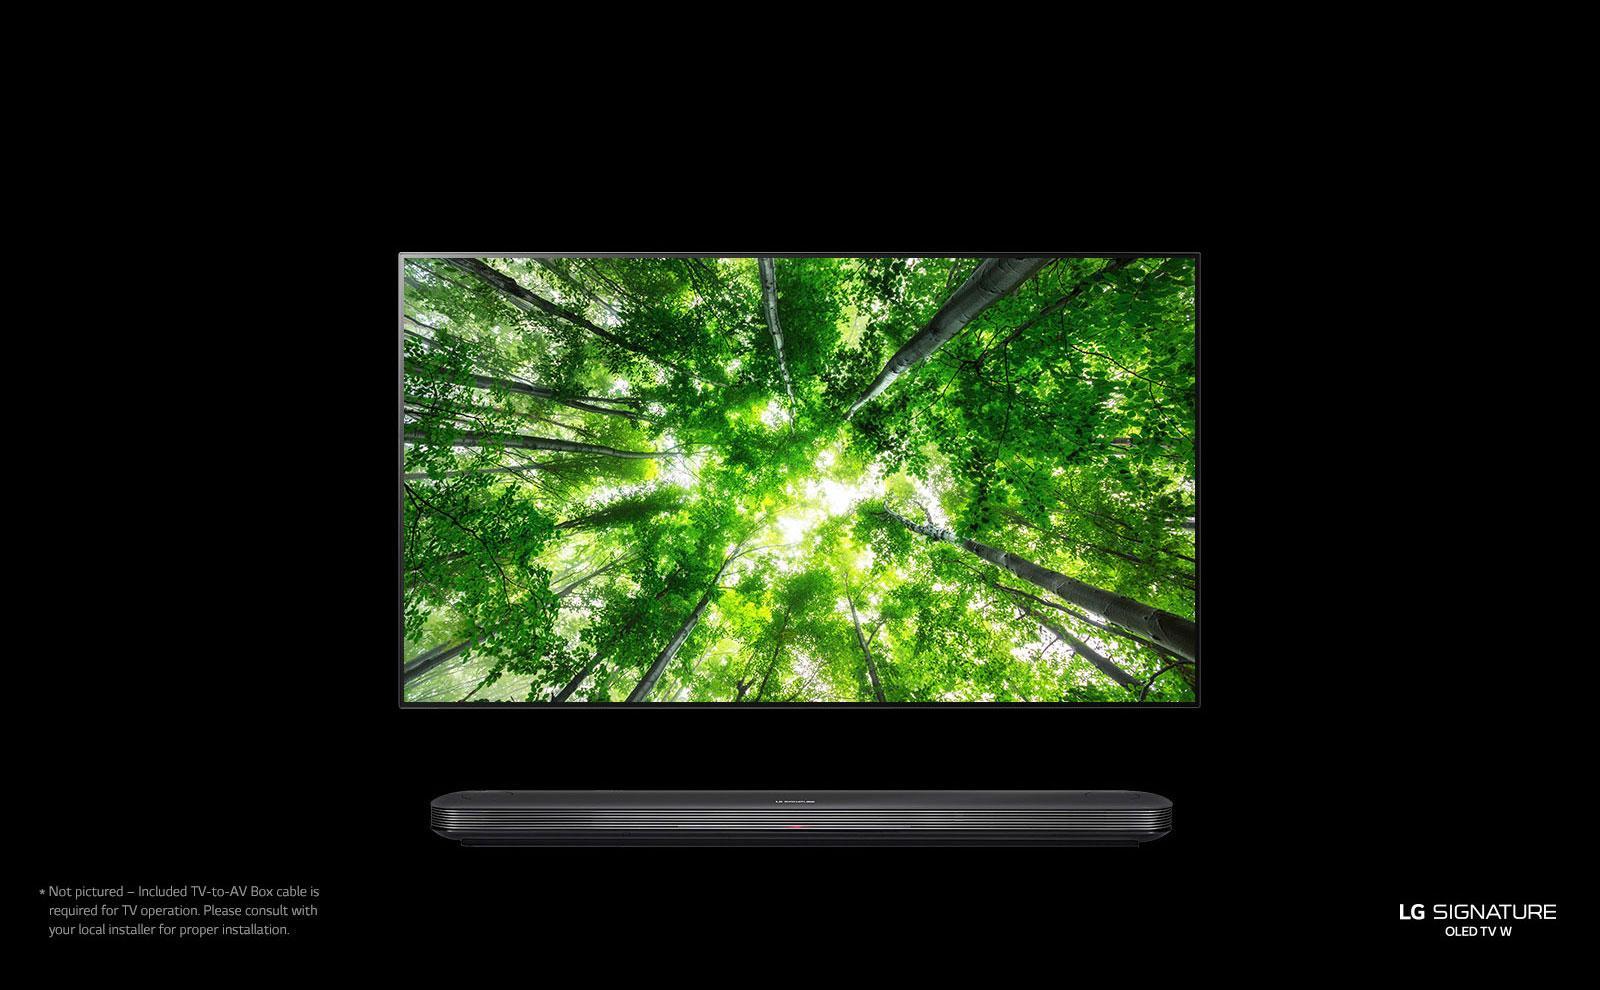 lg oled65w8pua 65 inch class lg signature oled tv w8 4k hdr smart